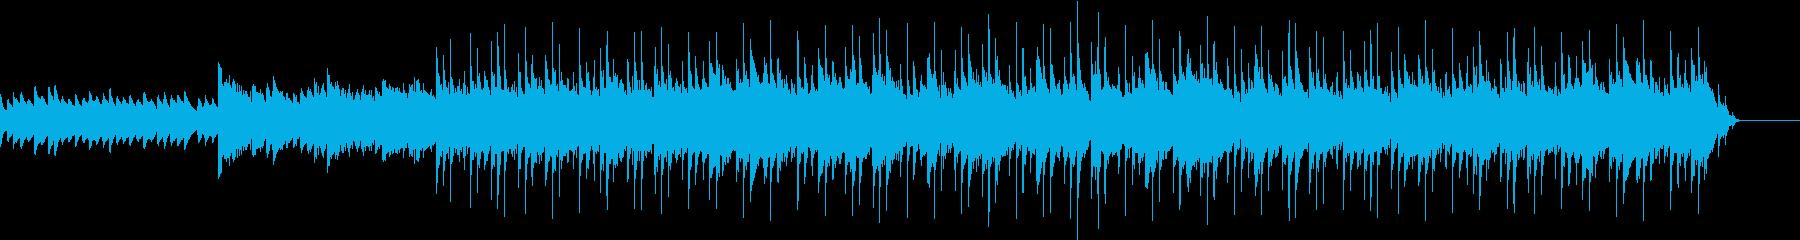 クラスメイズの再生済みの波形